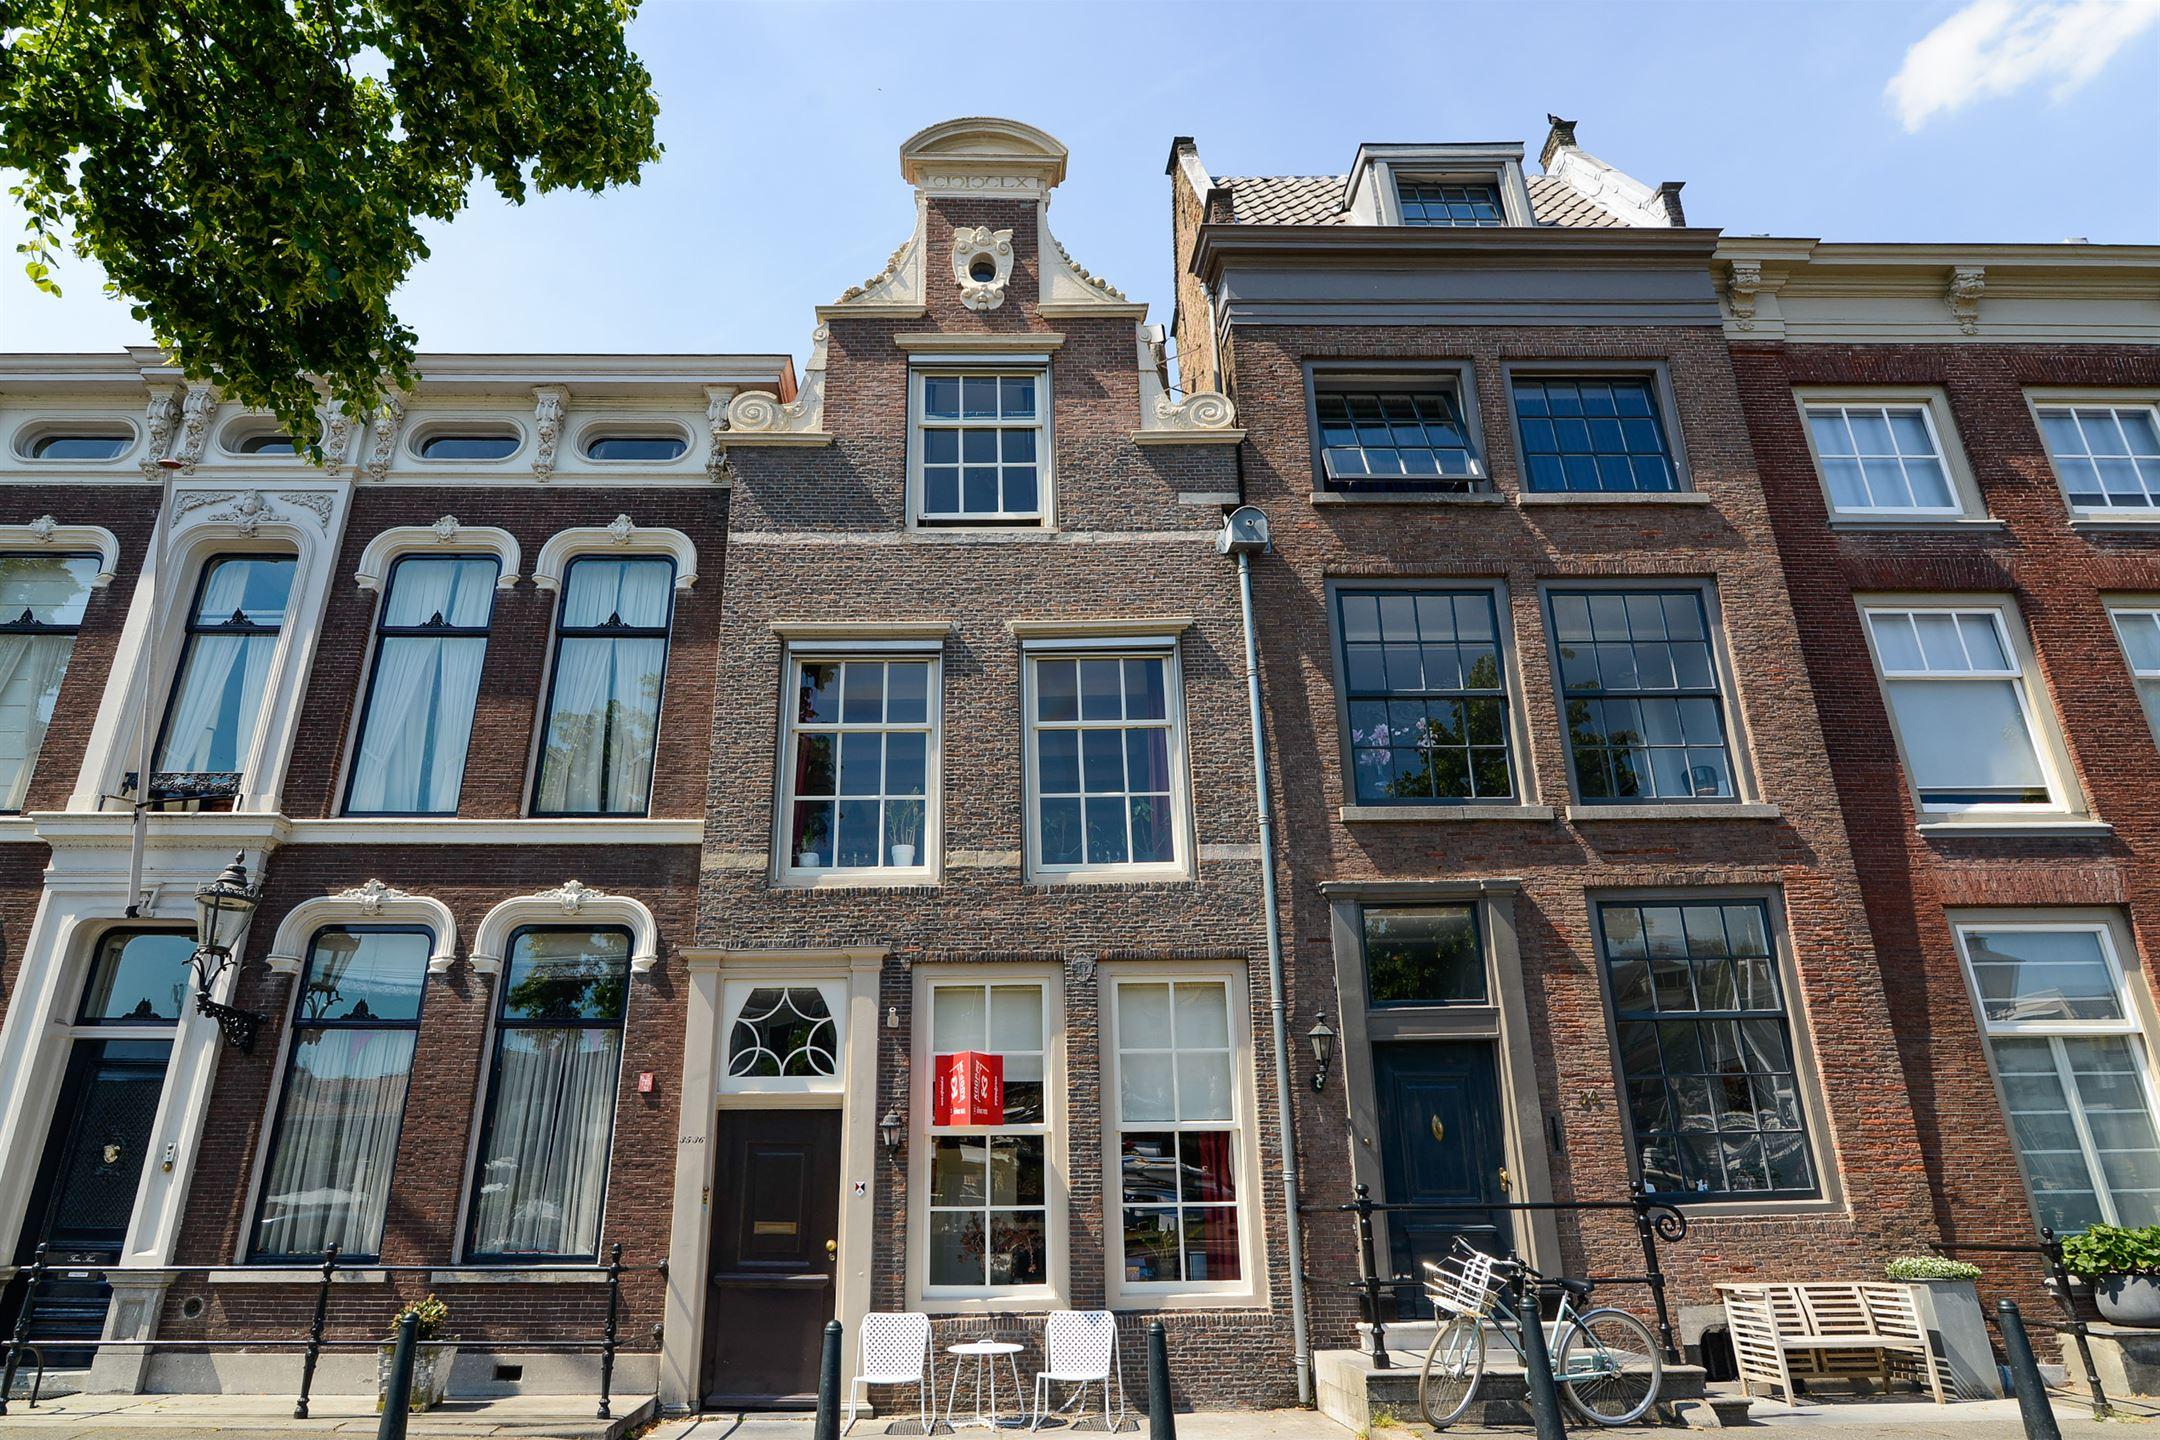 Nieuwe Badkamer Dordrecht : Verkocht nieuwe haven ar dordrecht funda